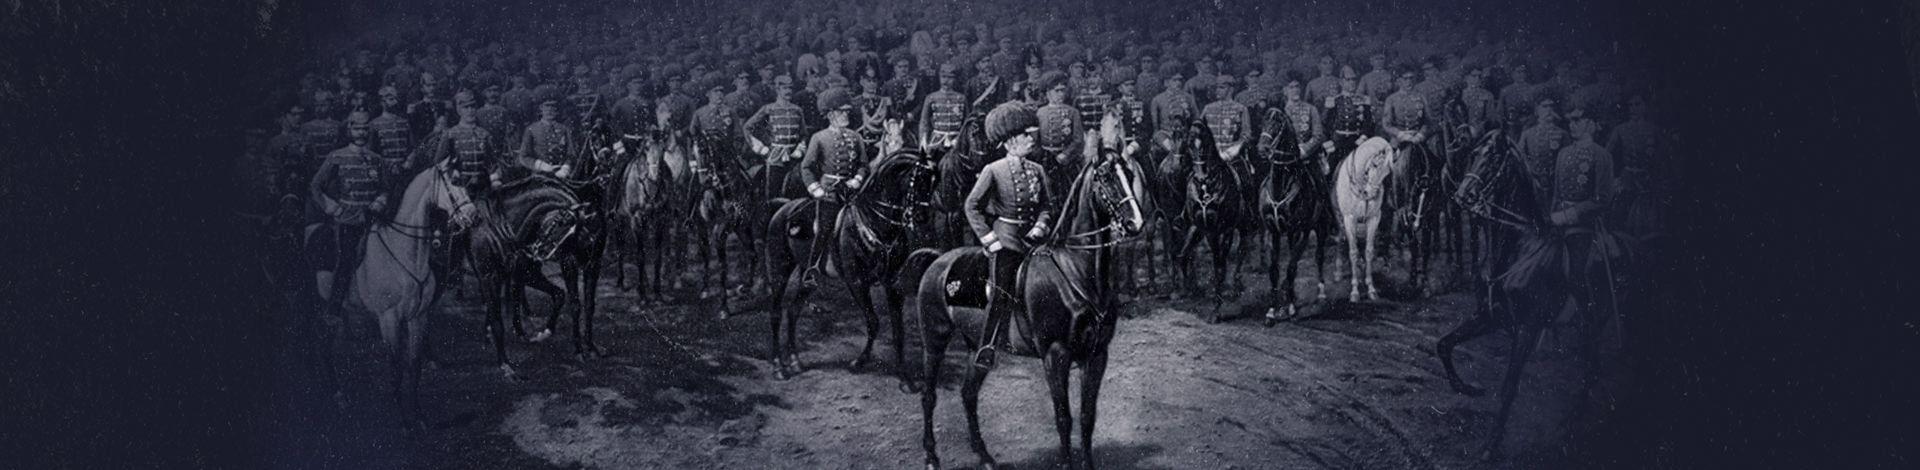 Kaiser Franz Joseph I hoch zu Ross umgeben von Menschen